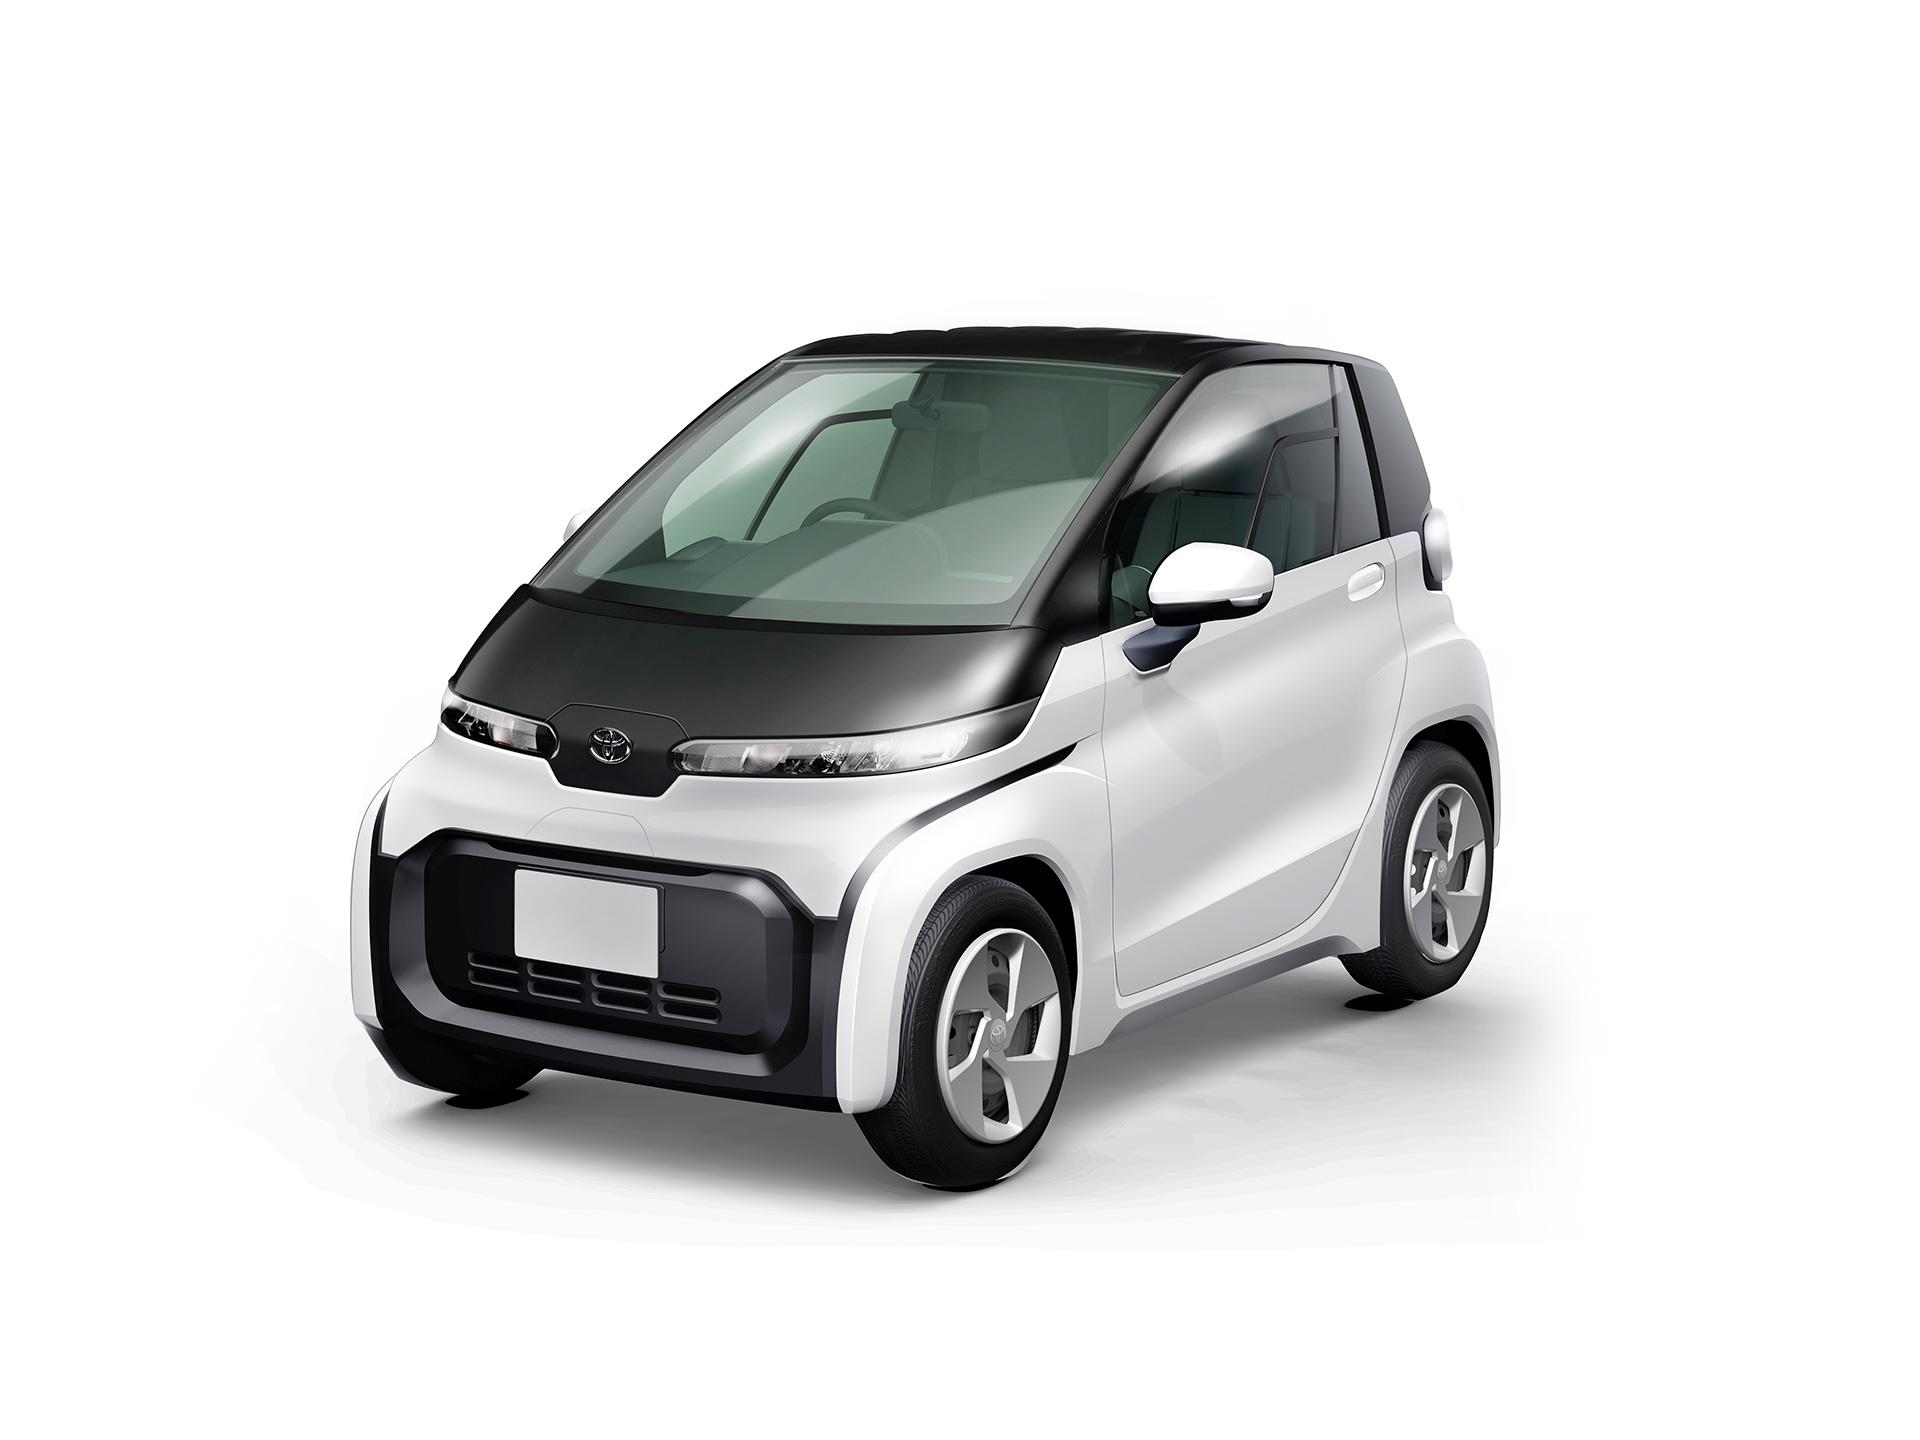 Toyota_ultra_kompakt_akkumulatoros_elektromos_autok_2